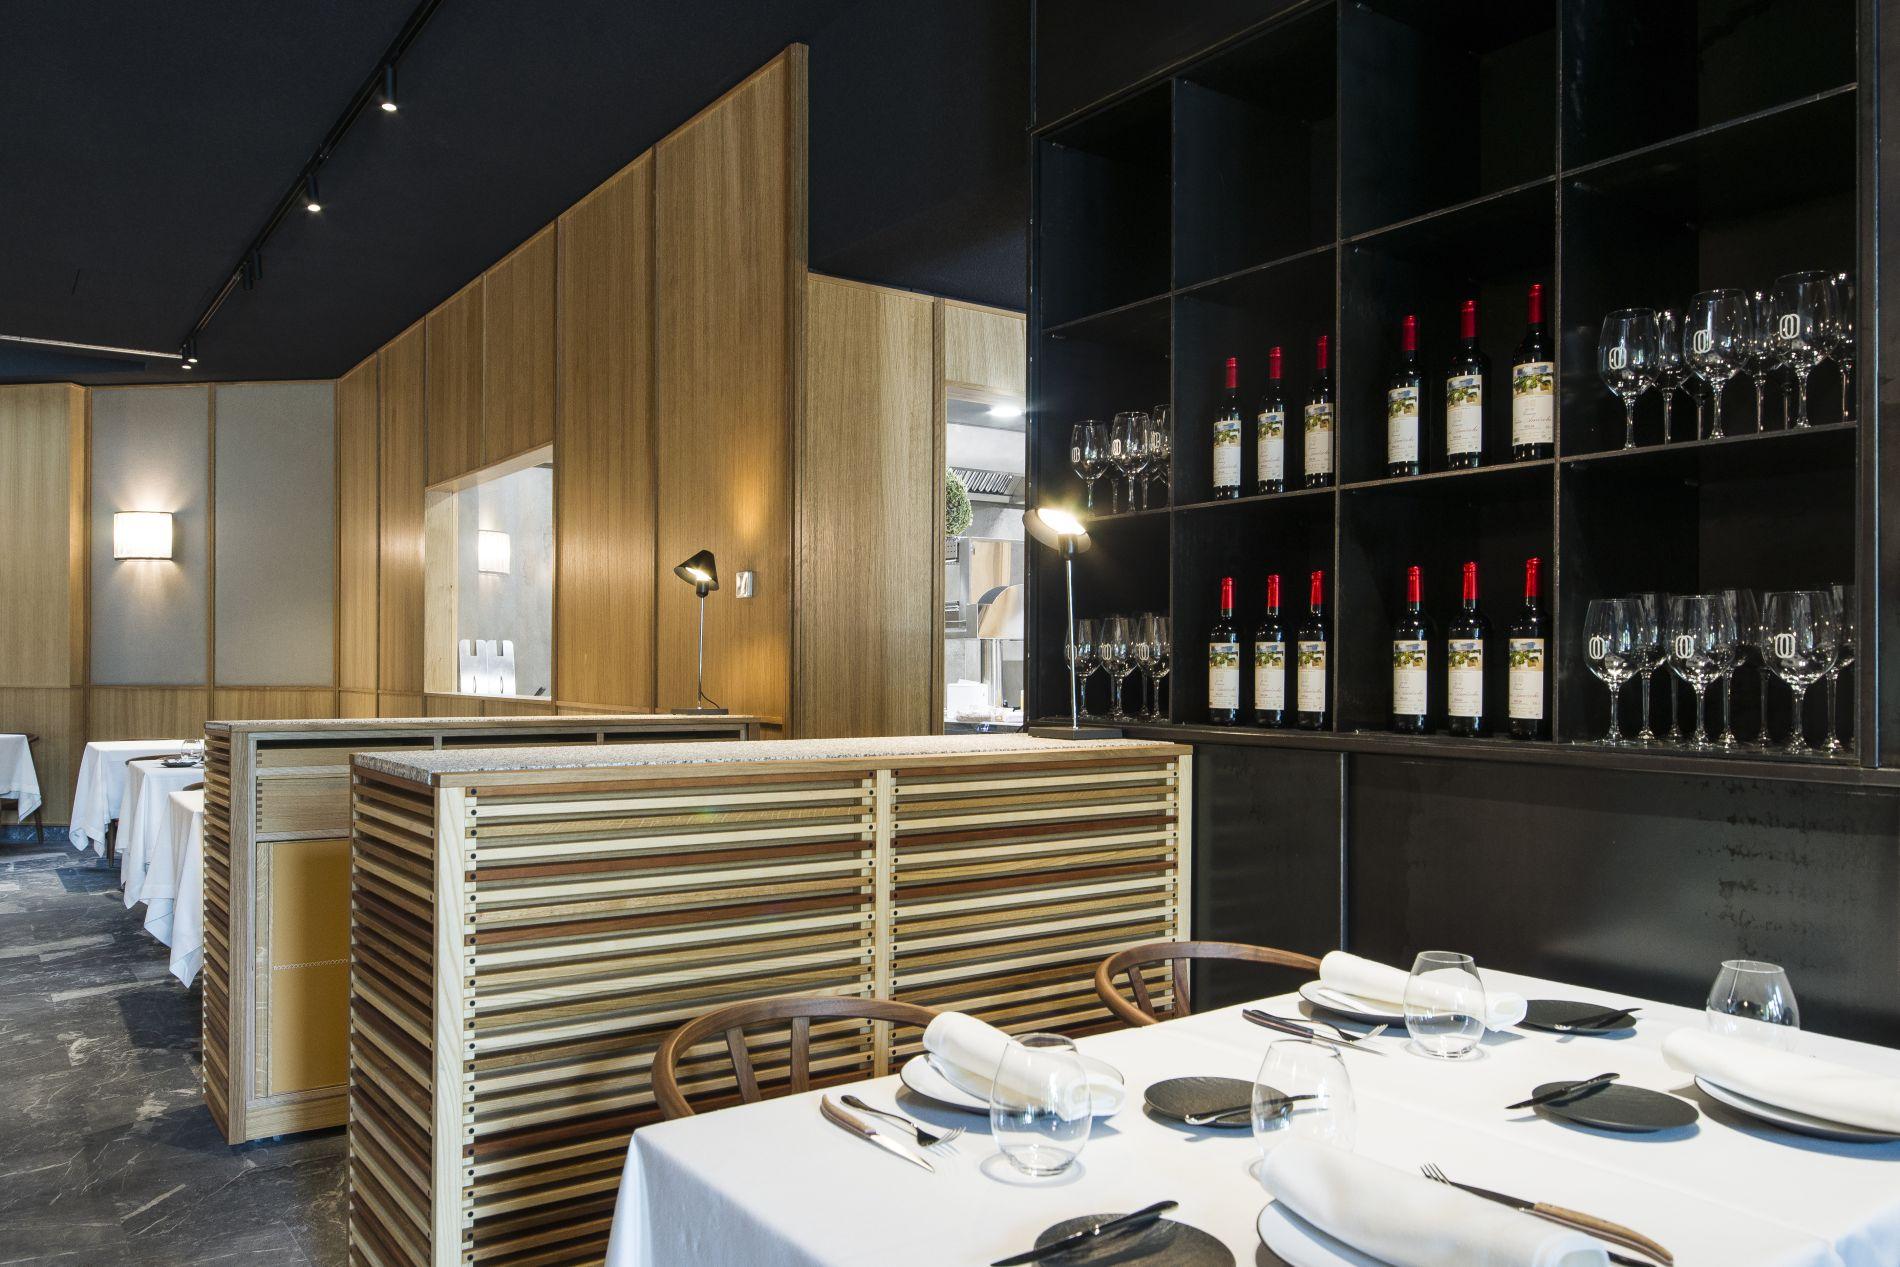 Fiark-Restaurante-Narru-4